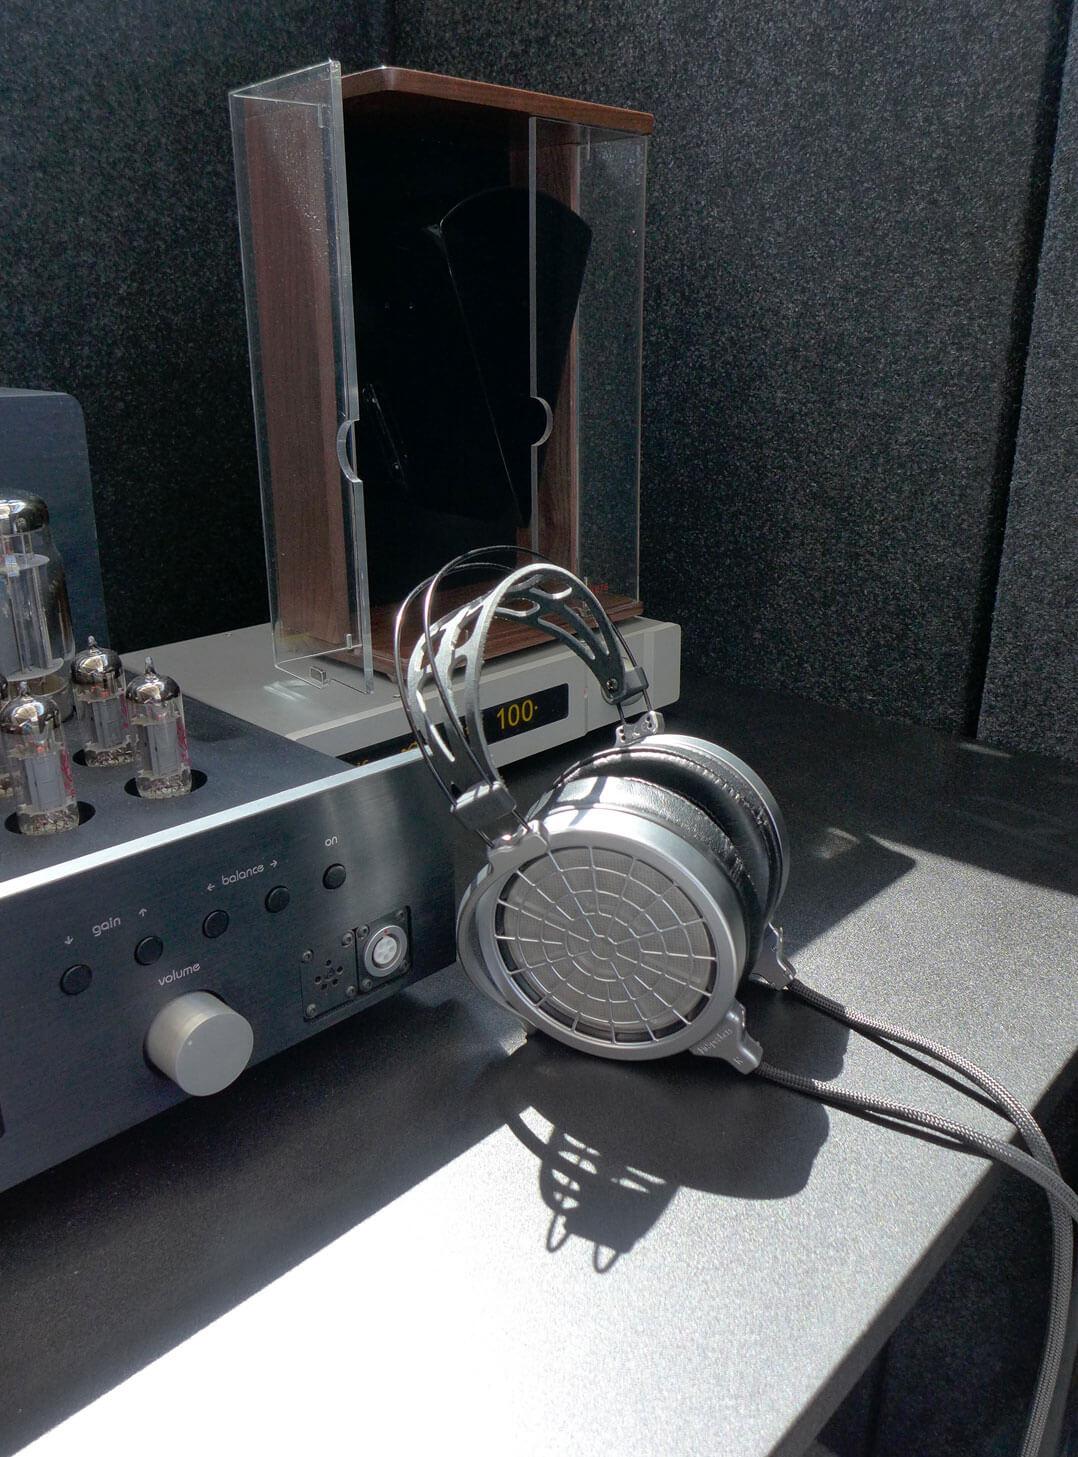 Mr Speakers Voce mit Mal Valve Verstärker in der Hörbox